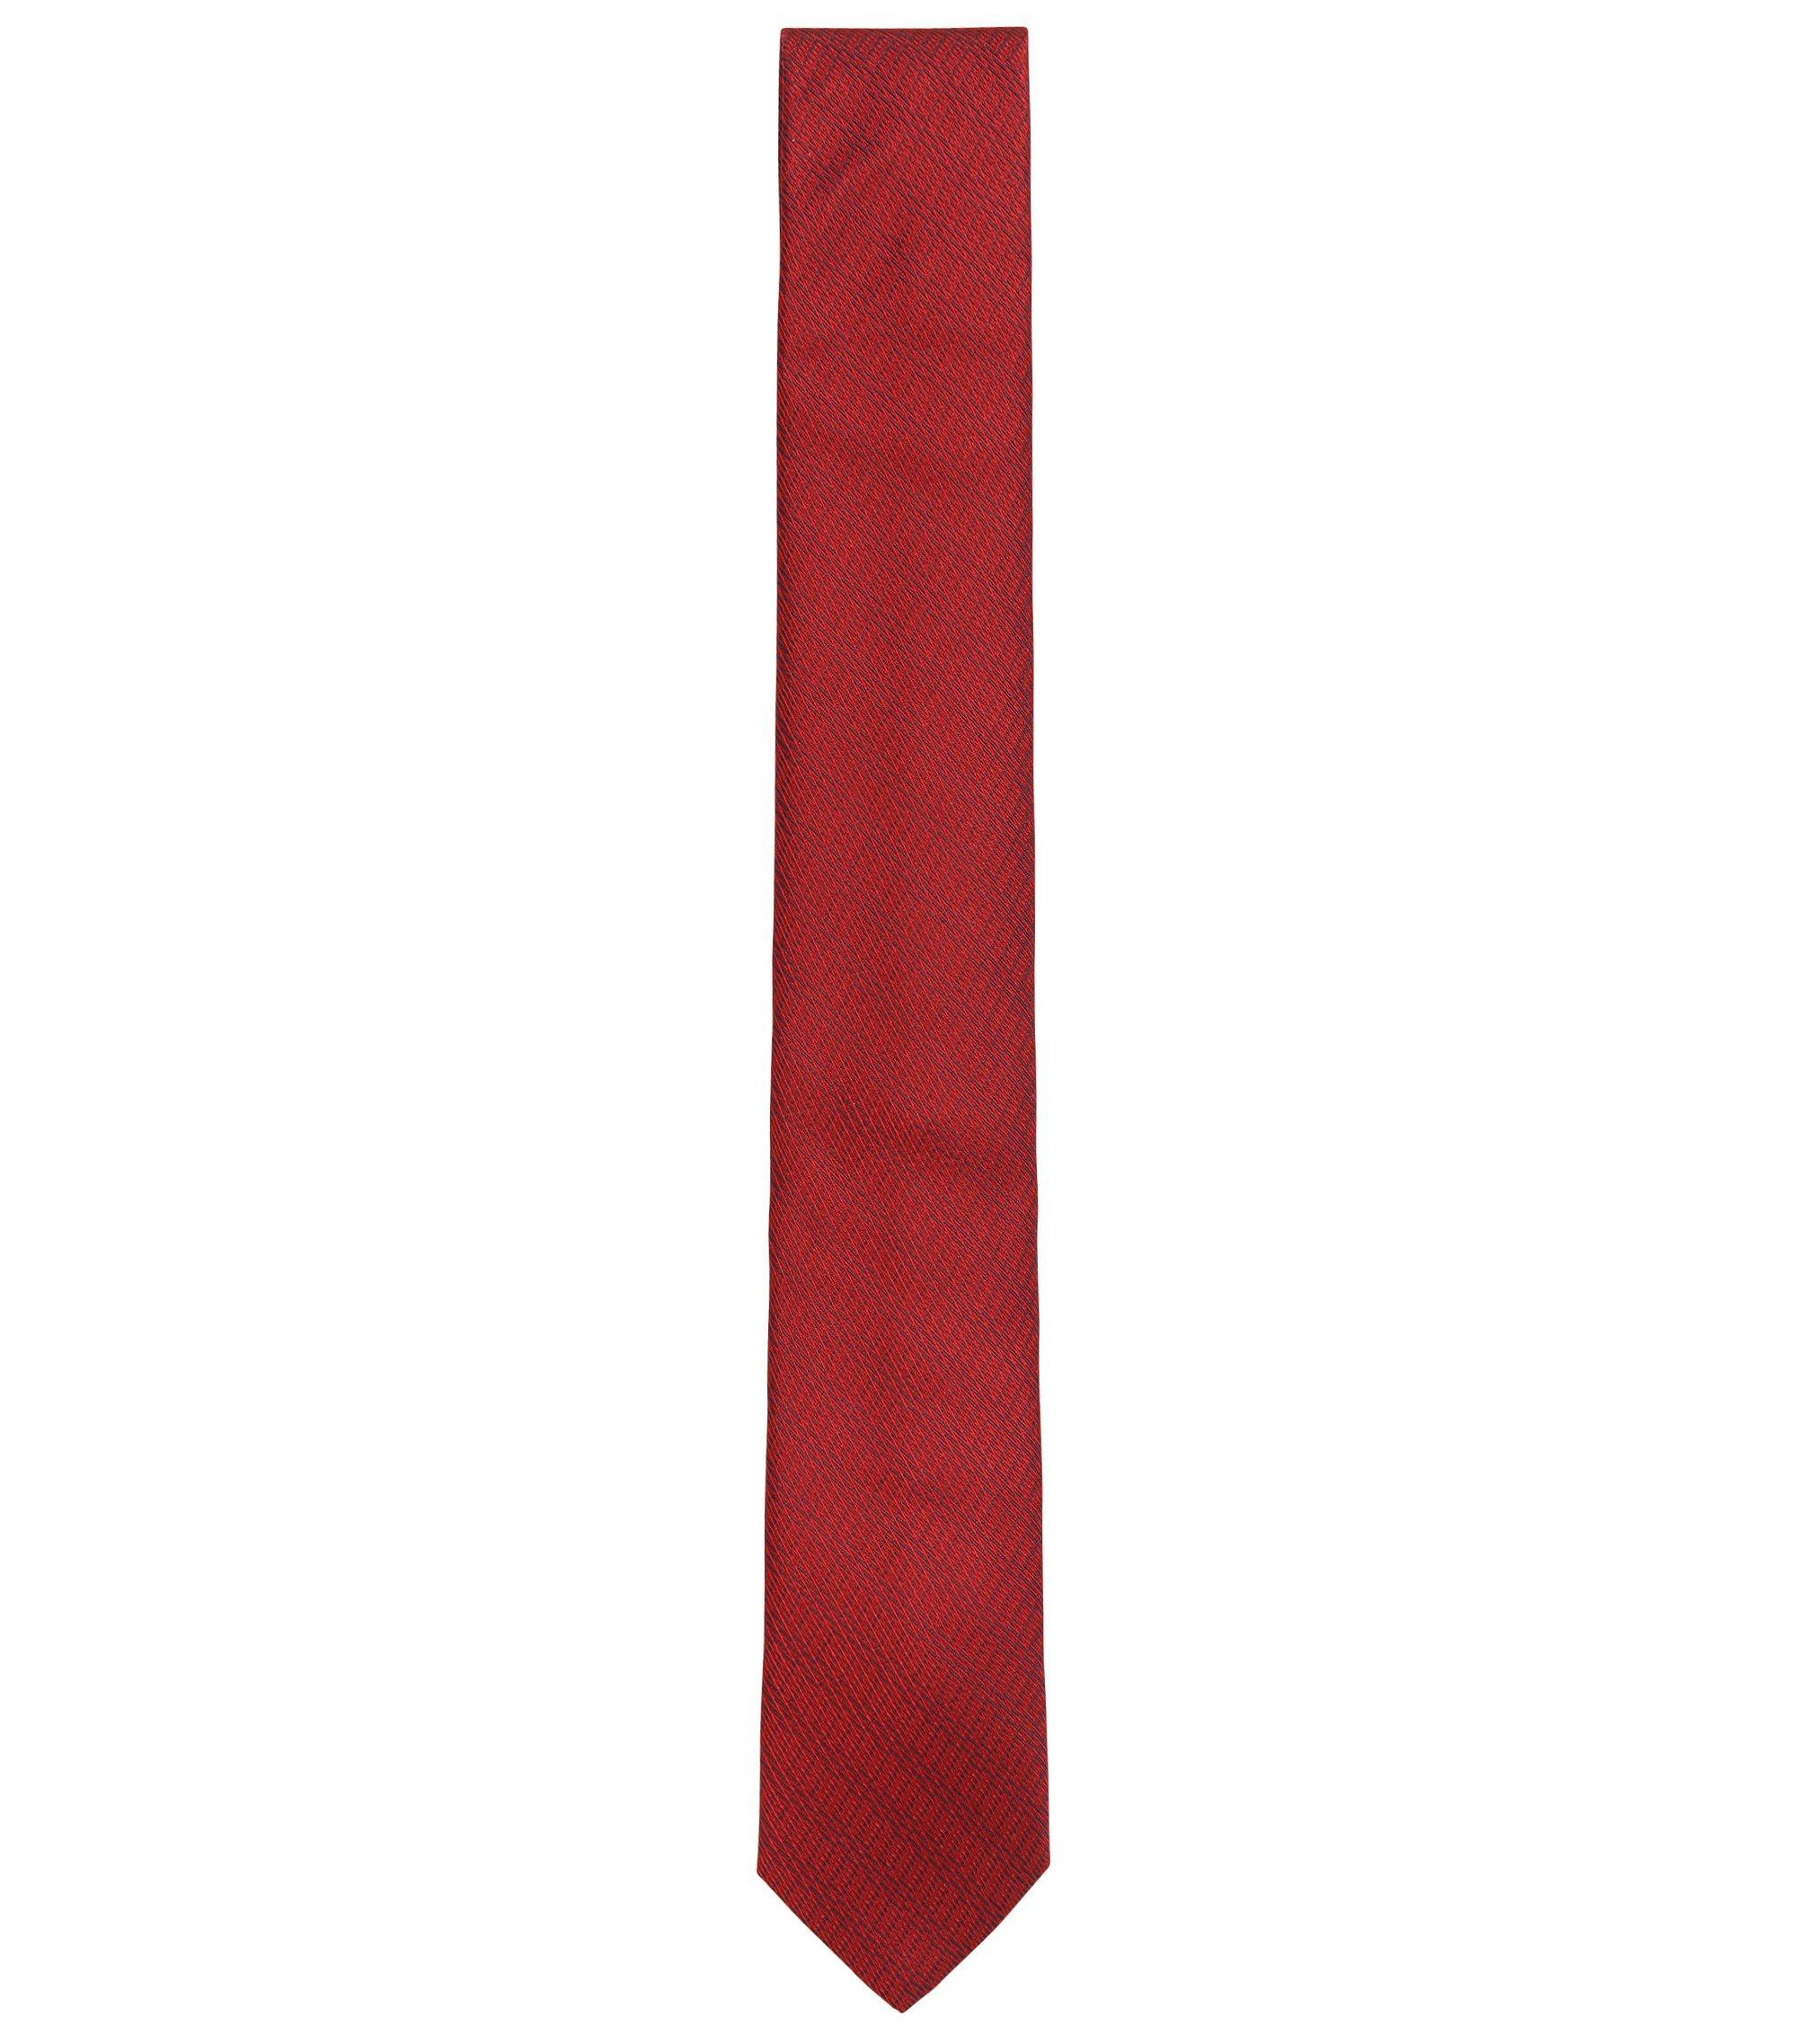 Cravate jacquard en soie ornée d'une texture riche en détails, Rouge